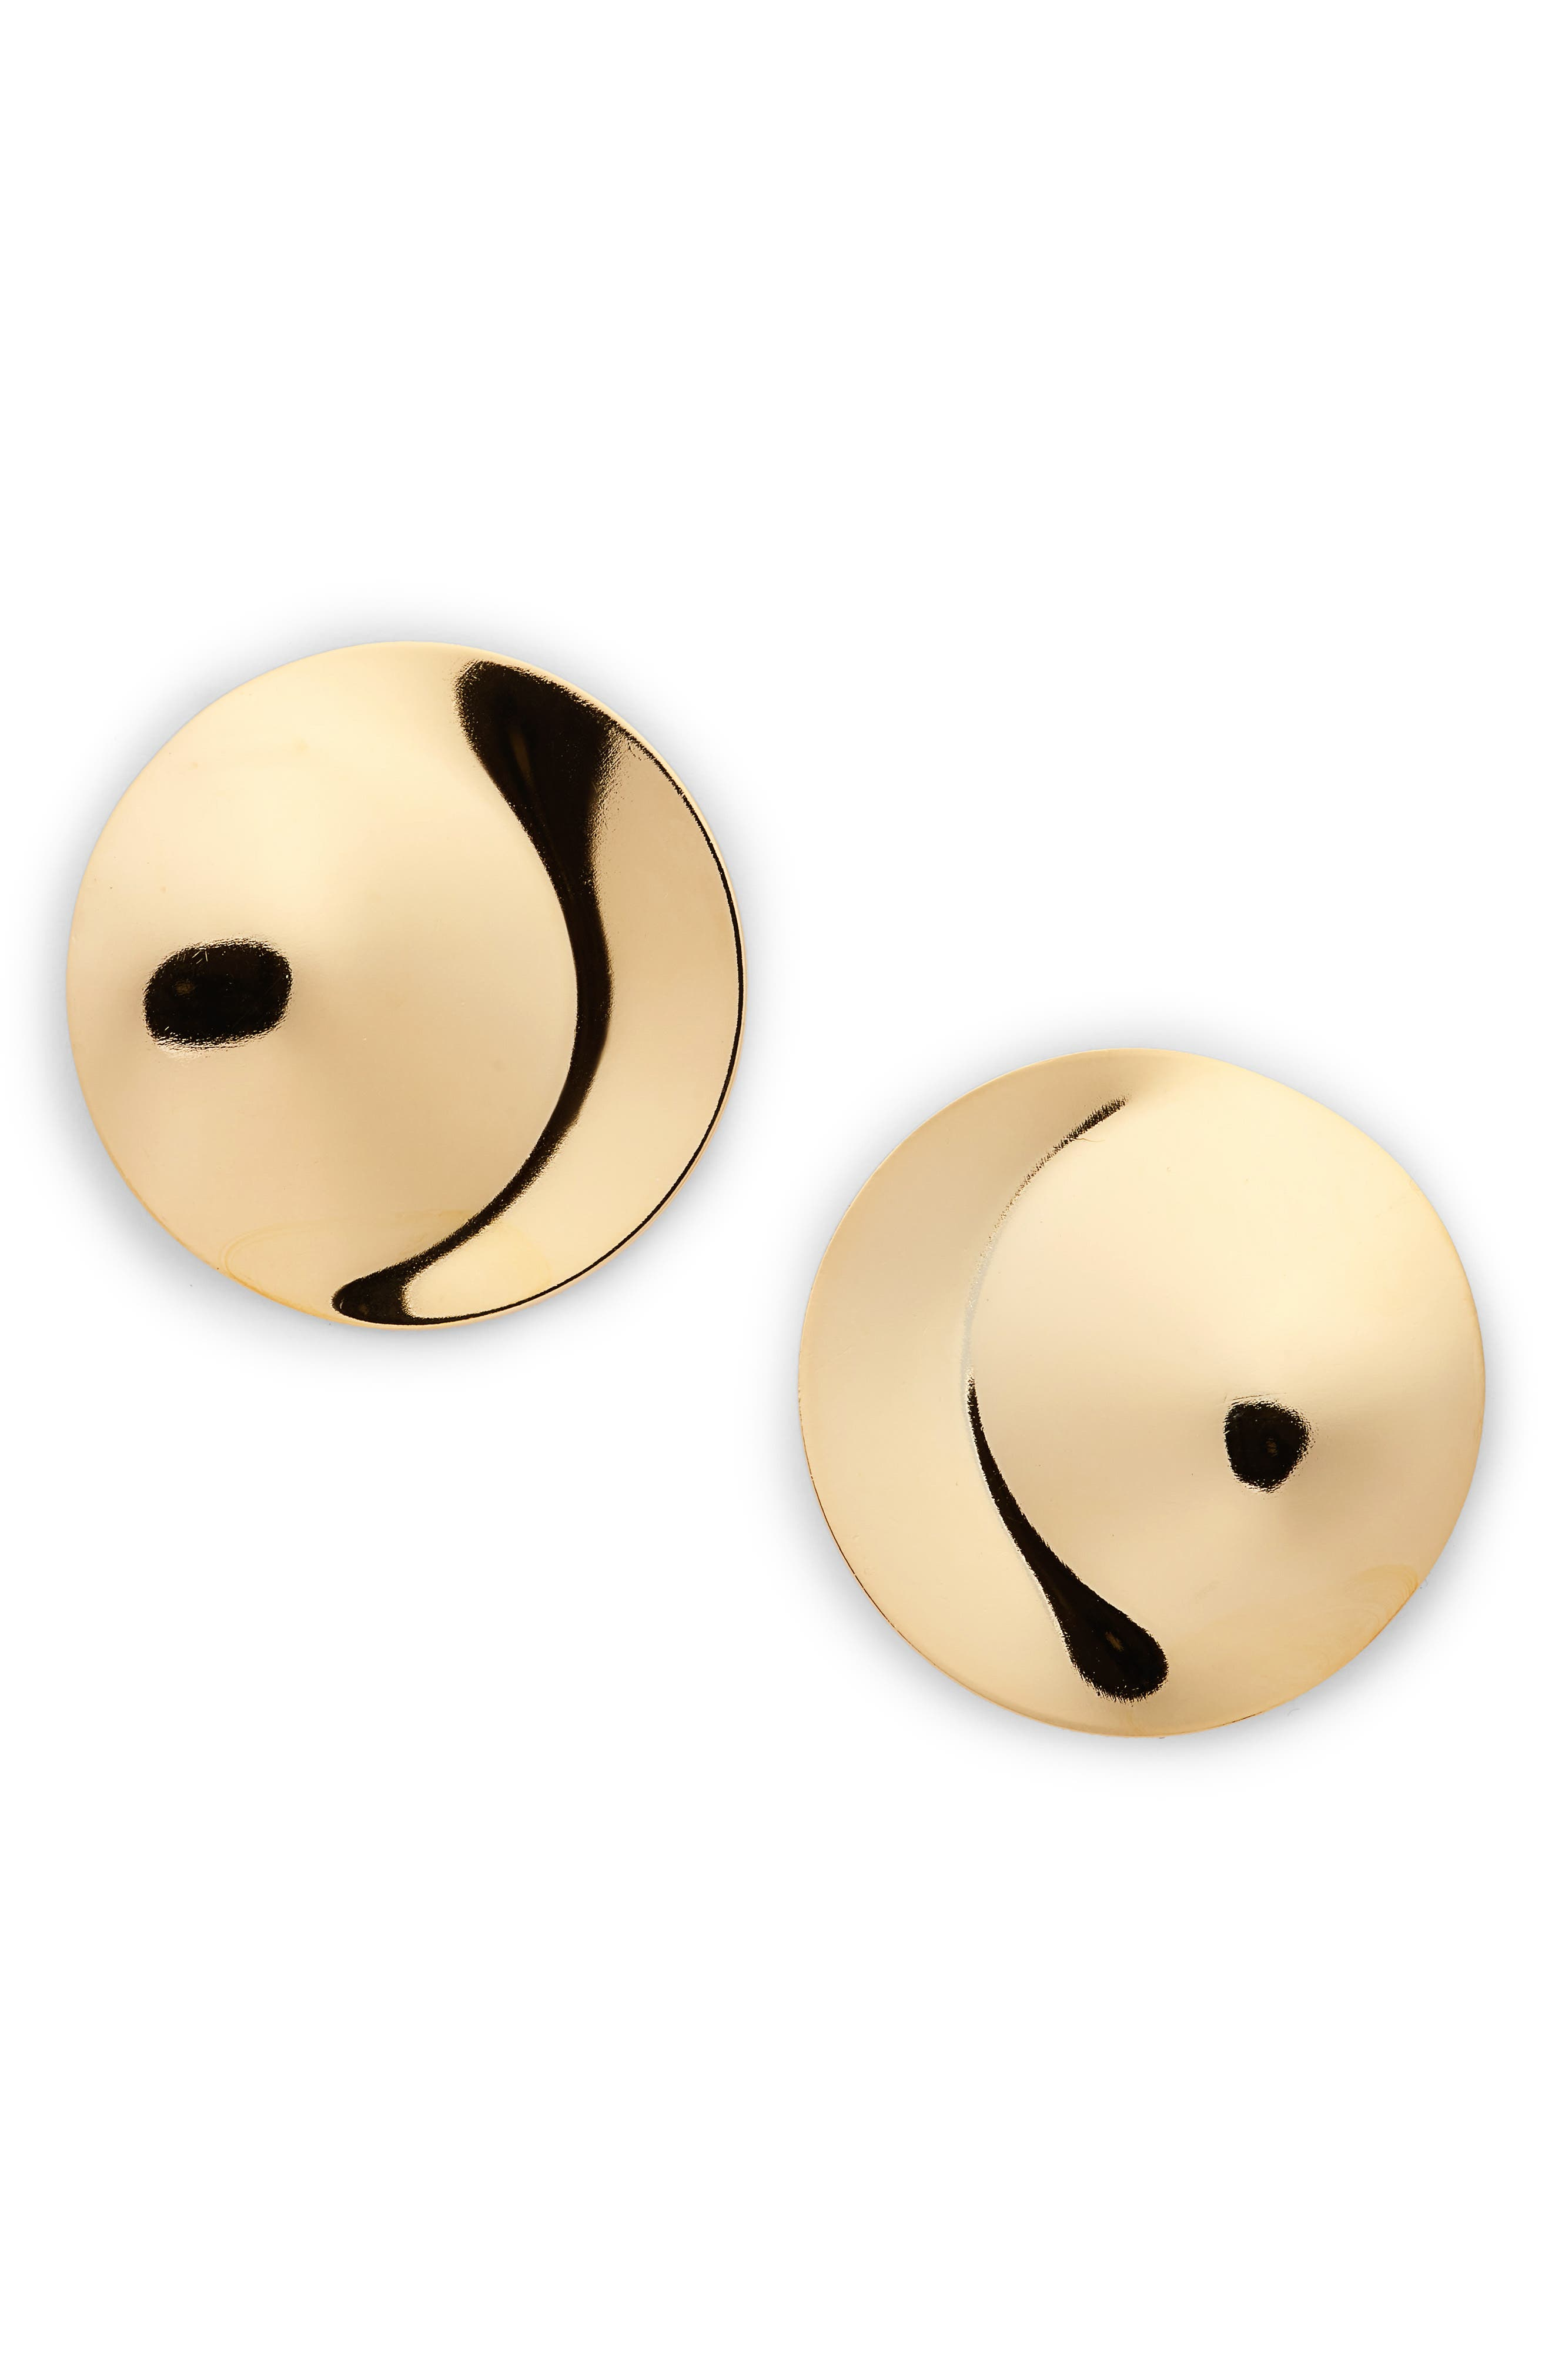 Penny Moon Stud Earrings,                             Main thumbnail 1, color,                             Gold